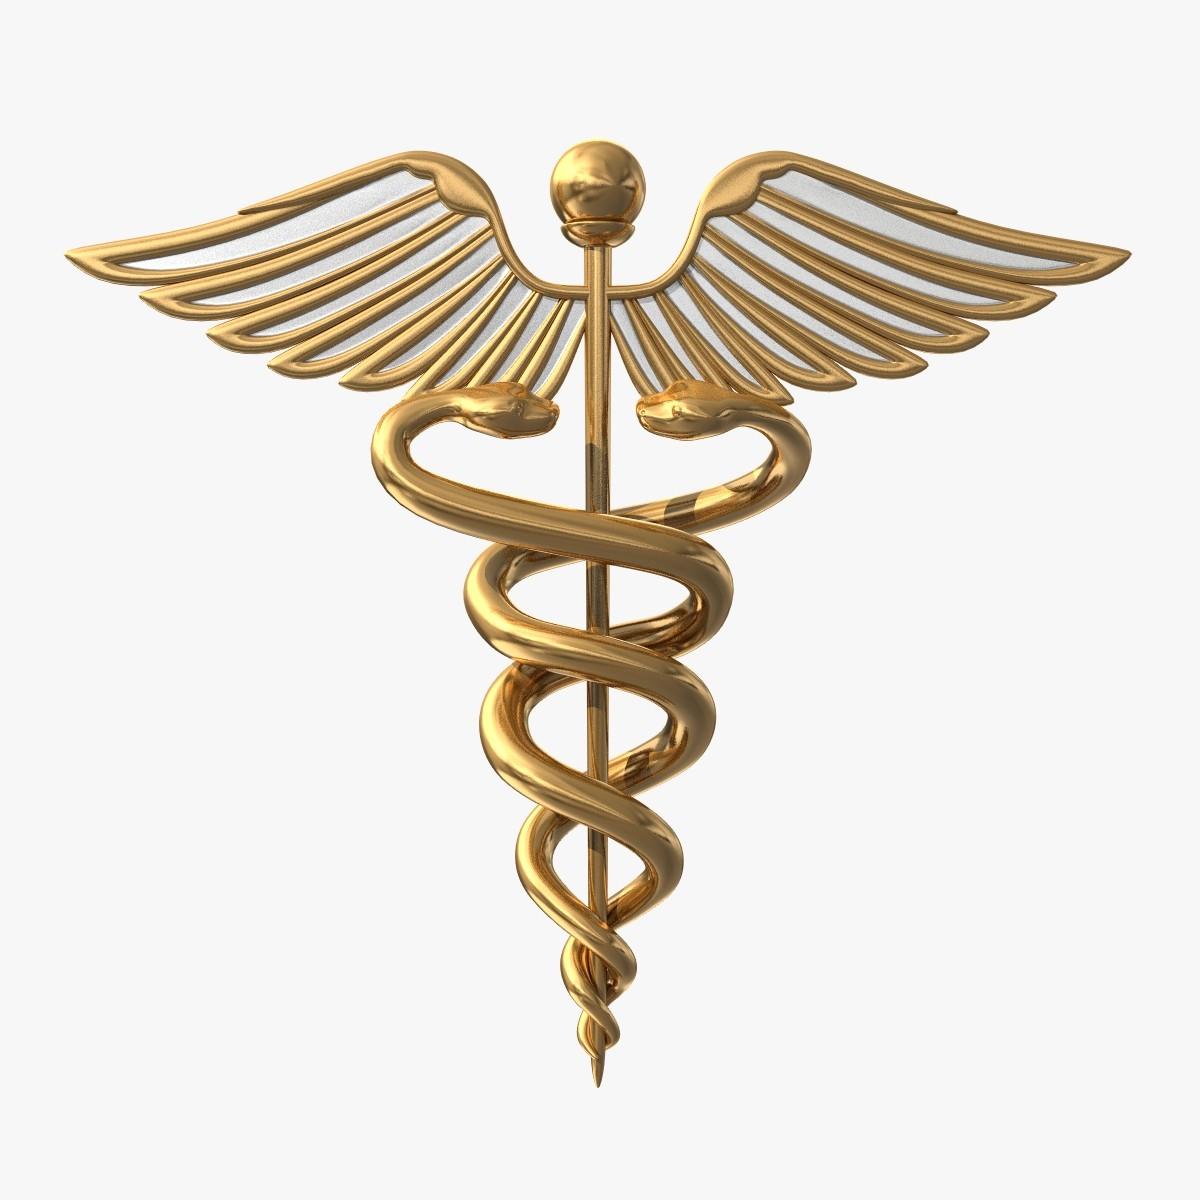 Nulyf Healthcare